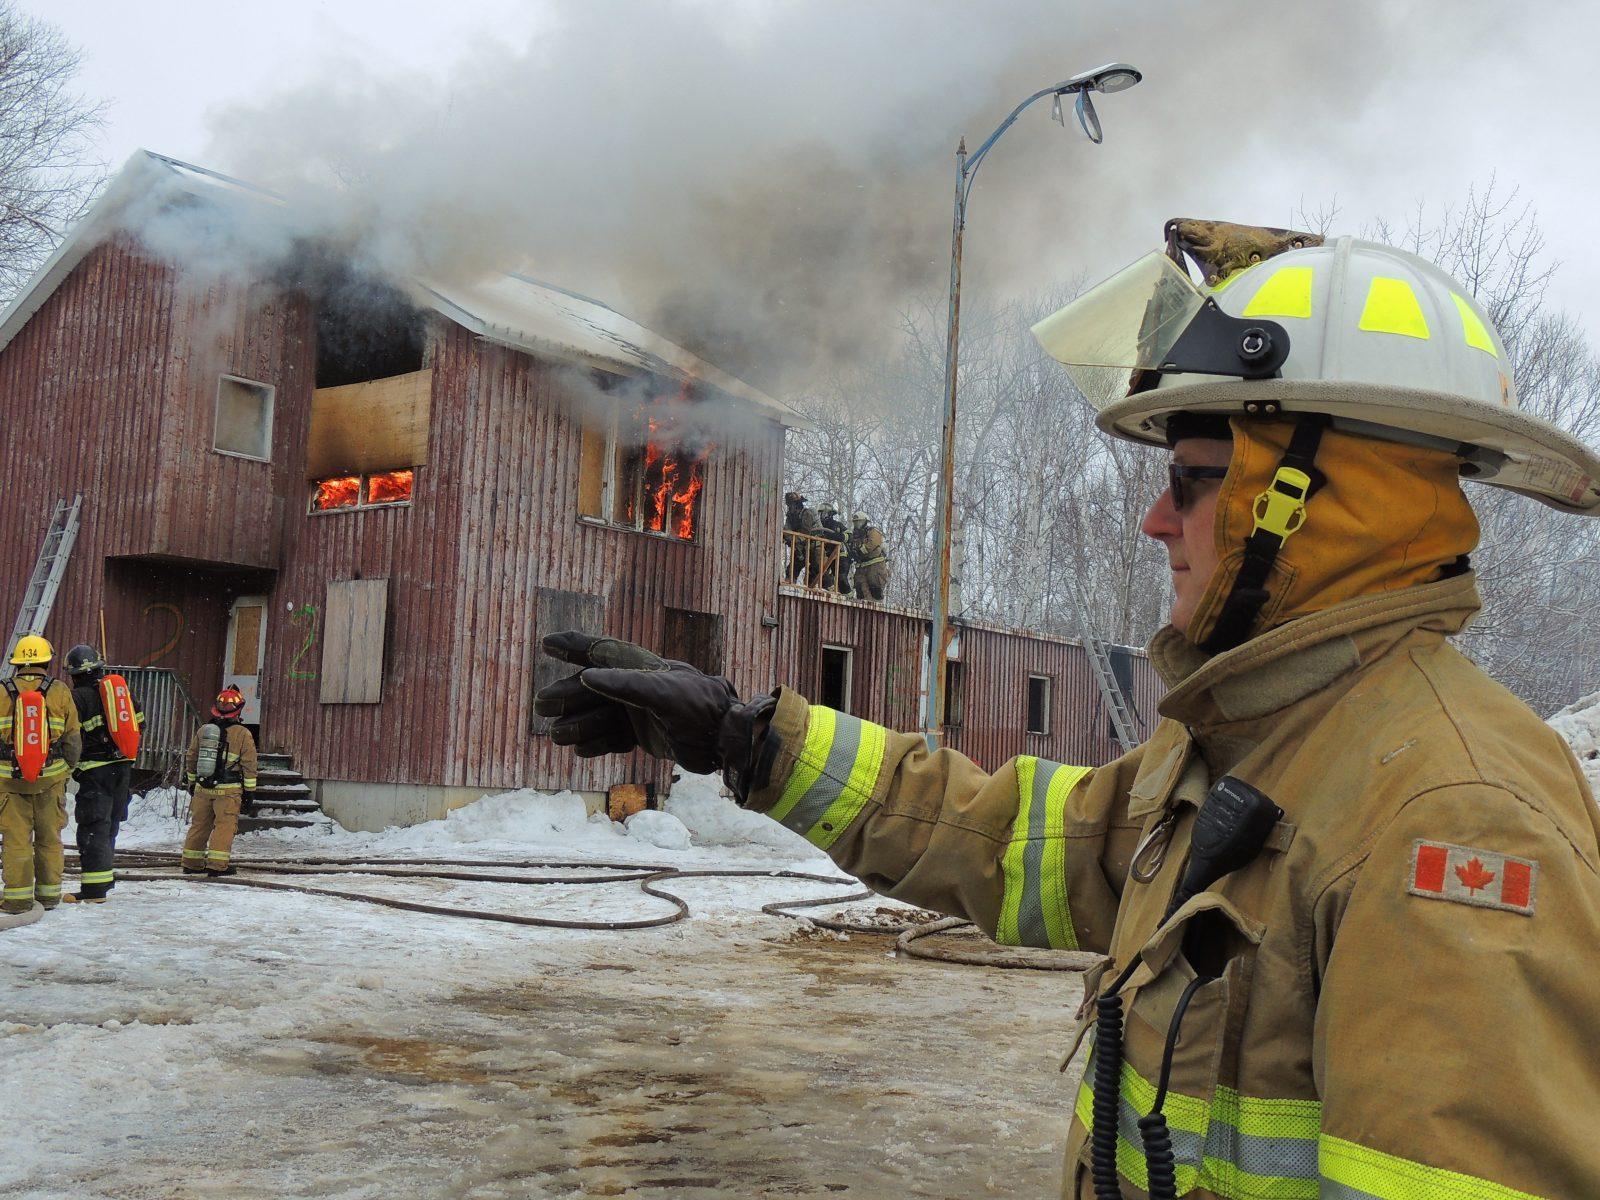 Le recrutement de pompiers toujours difficile